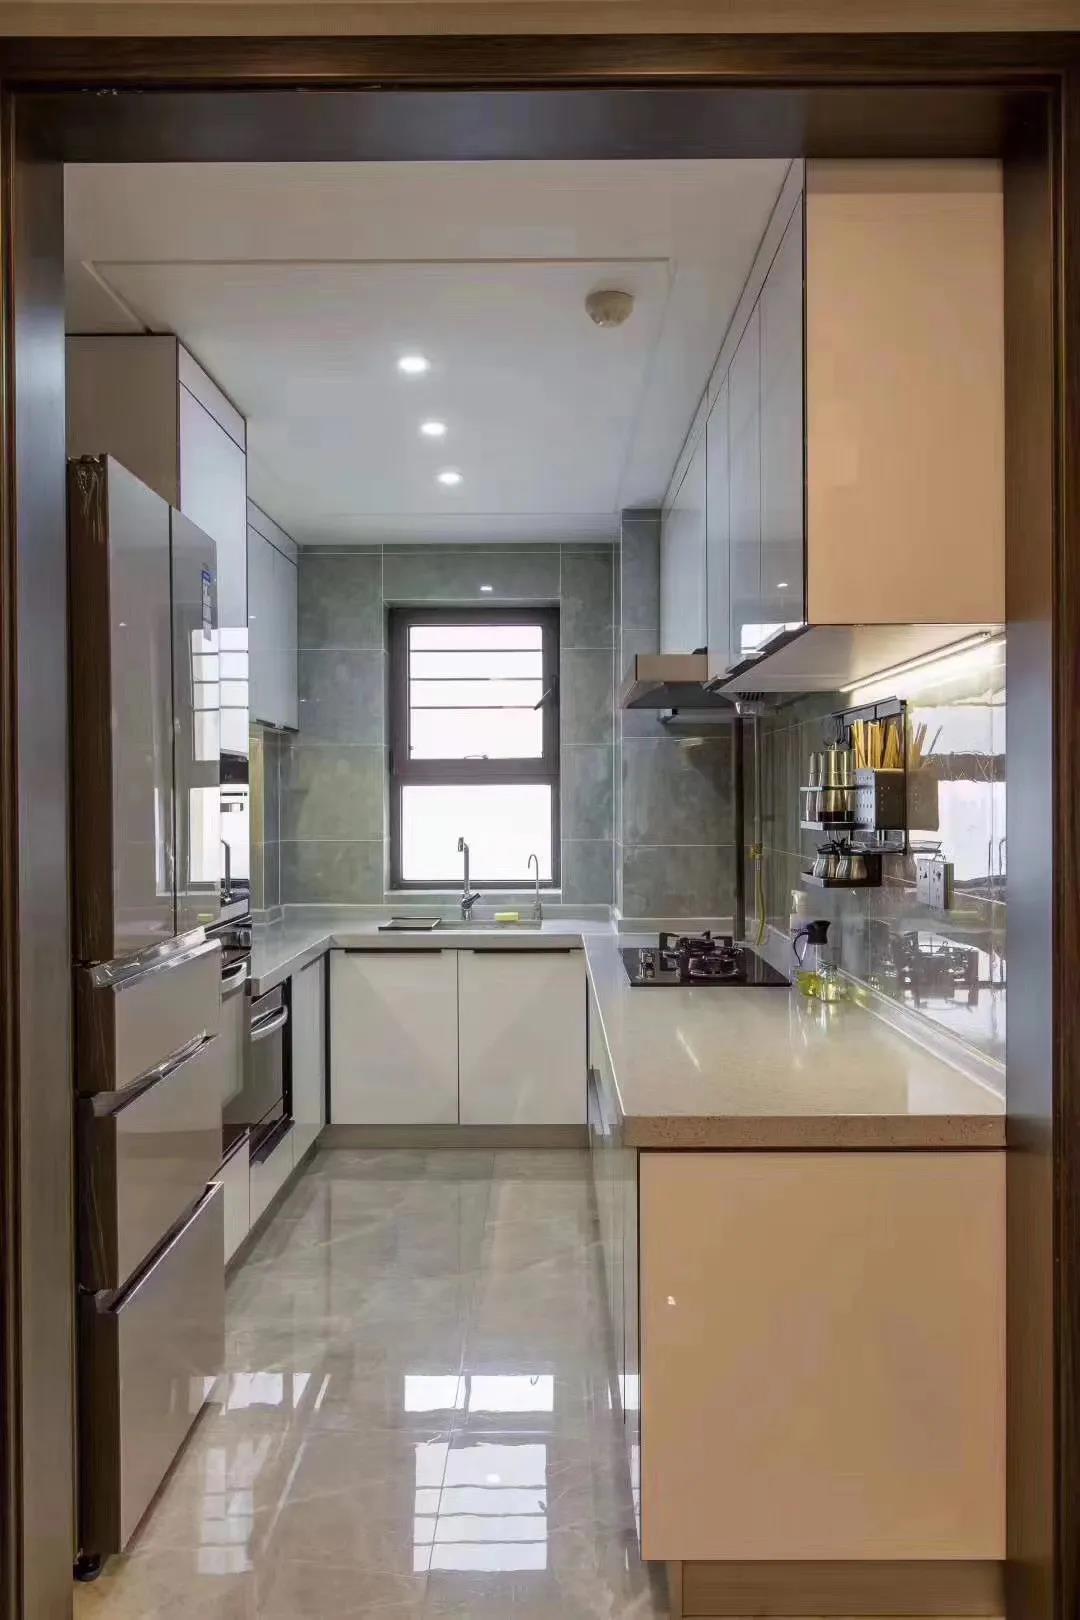 5㎡的厨房却有10㎡的容量?这些设计,不得不服!